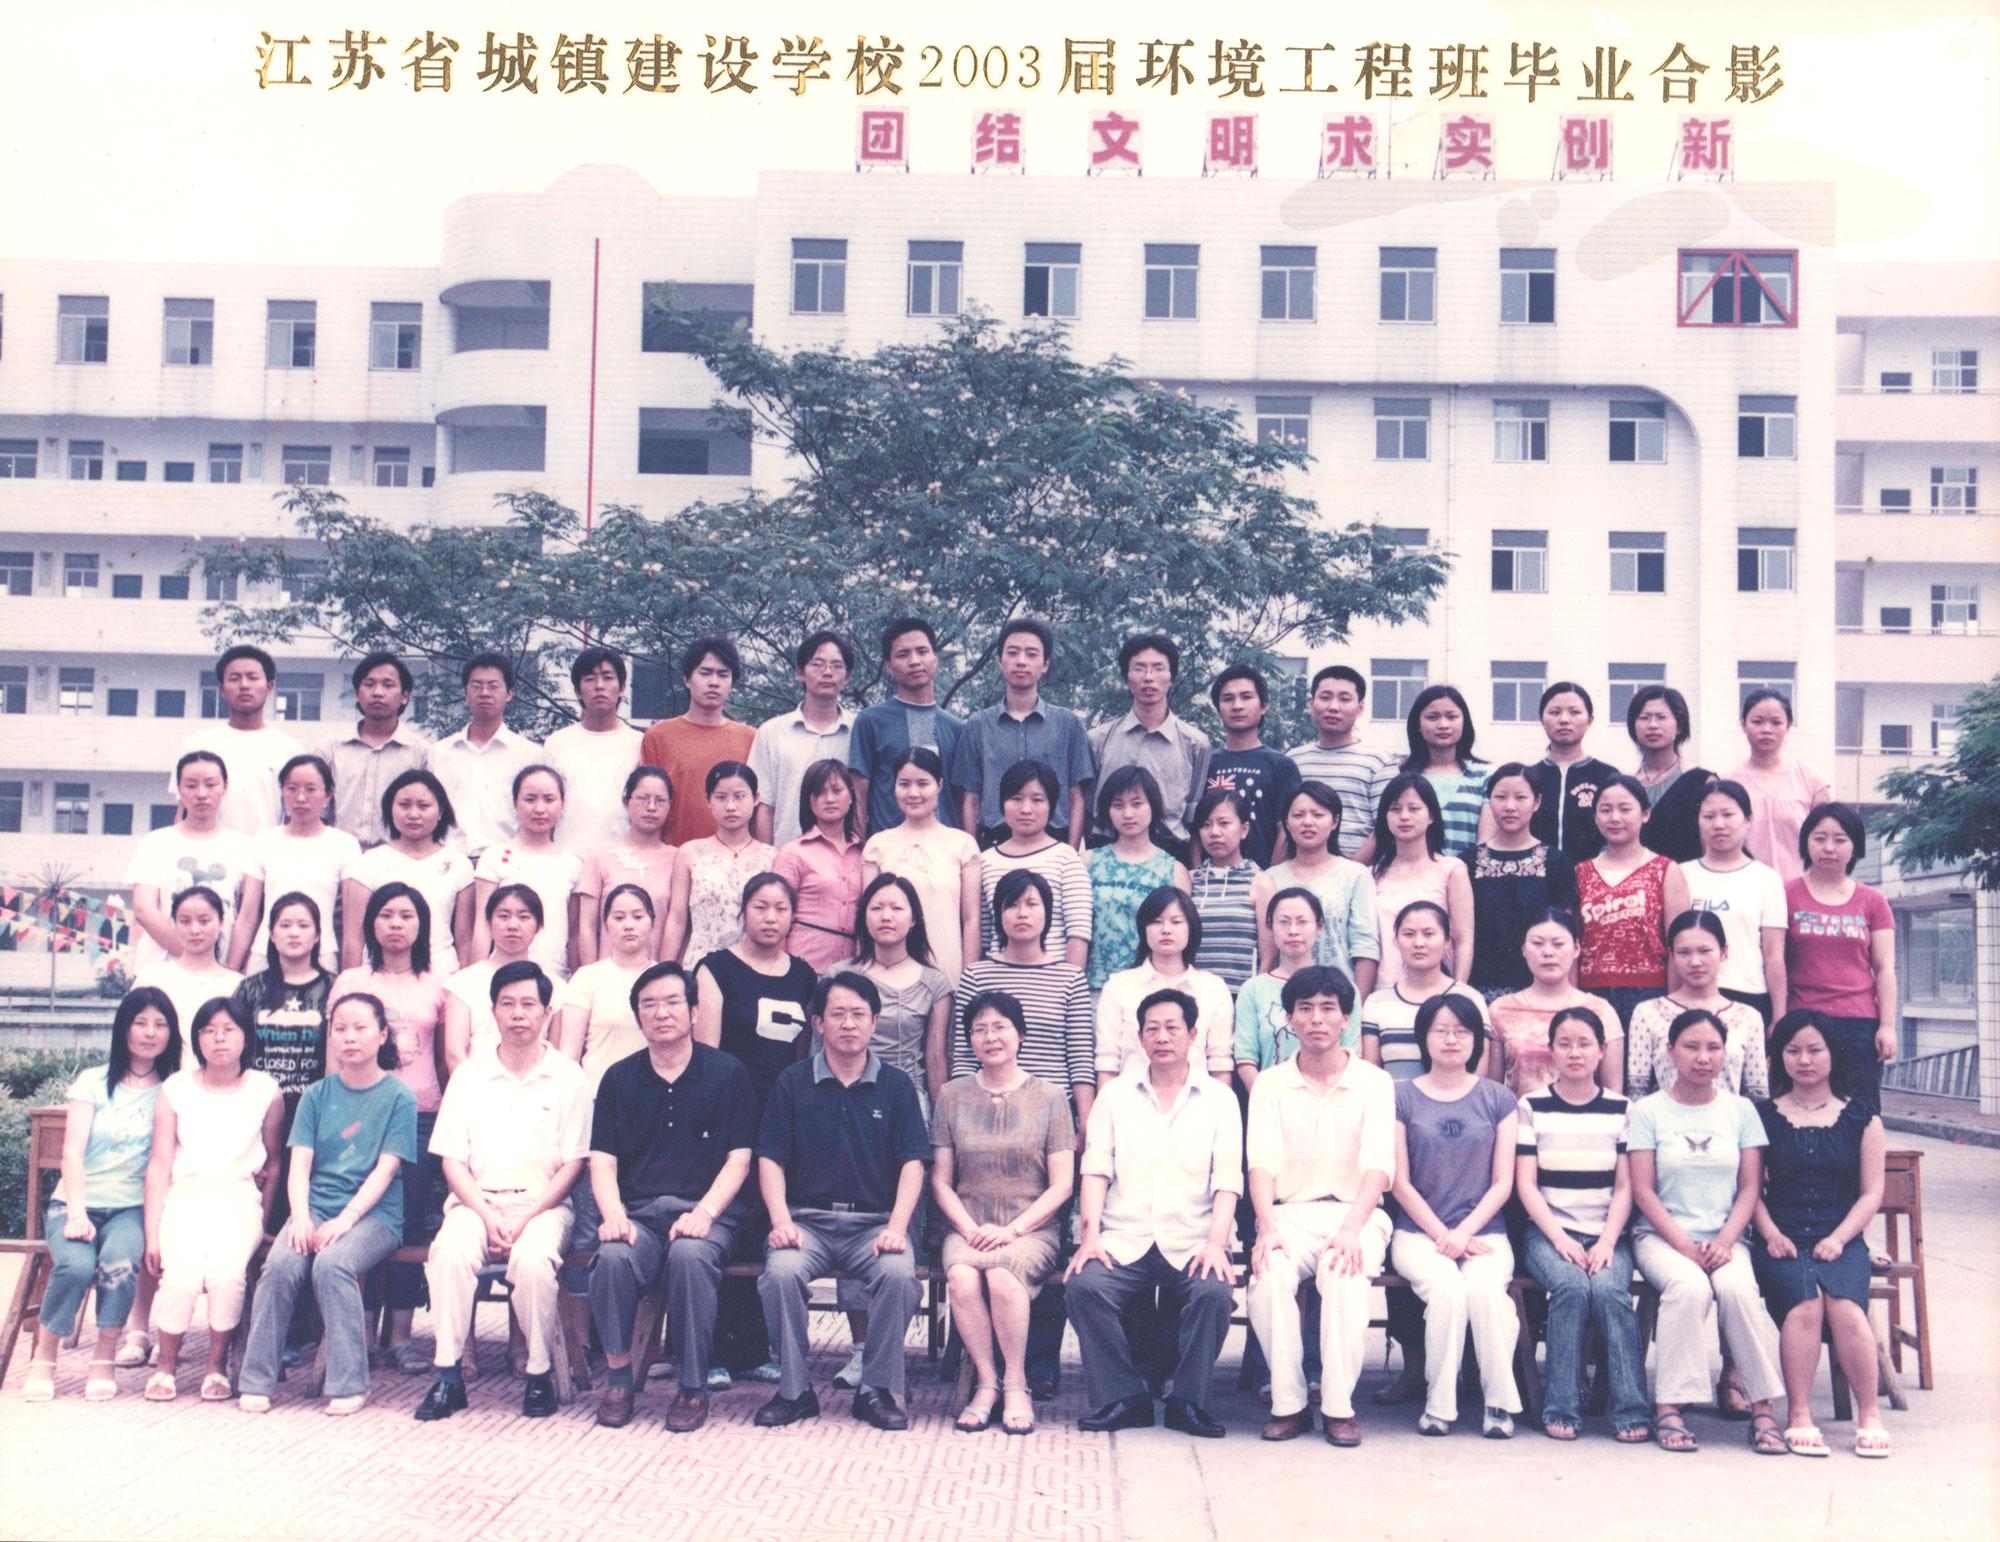 2003届环境工程班毕业合影